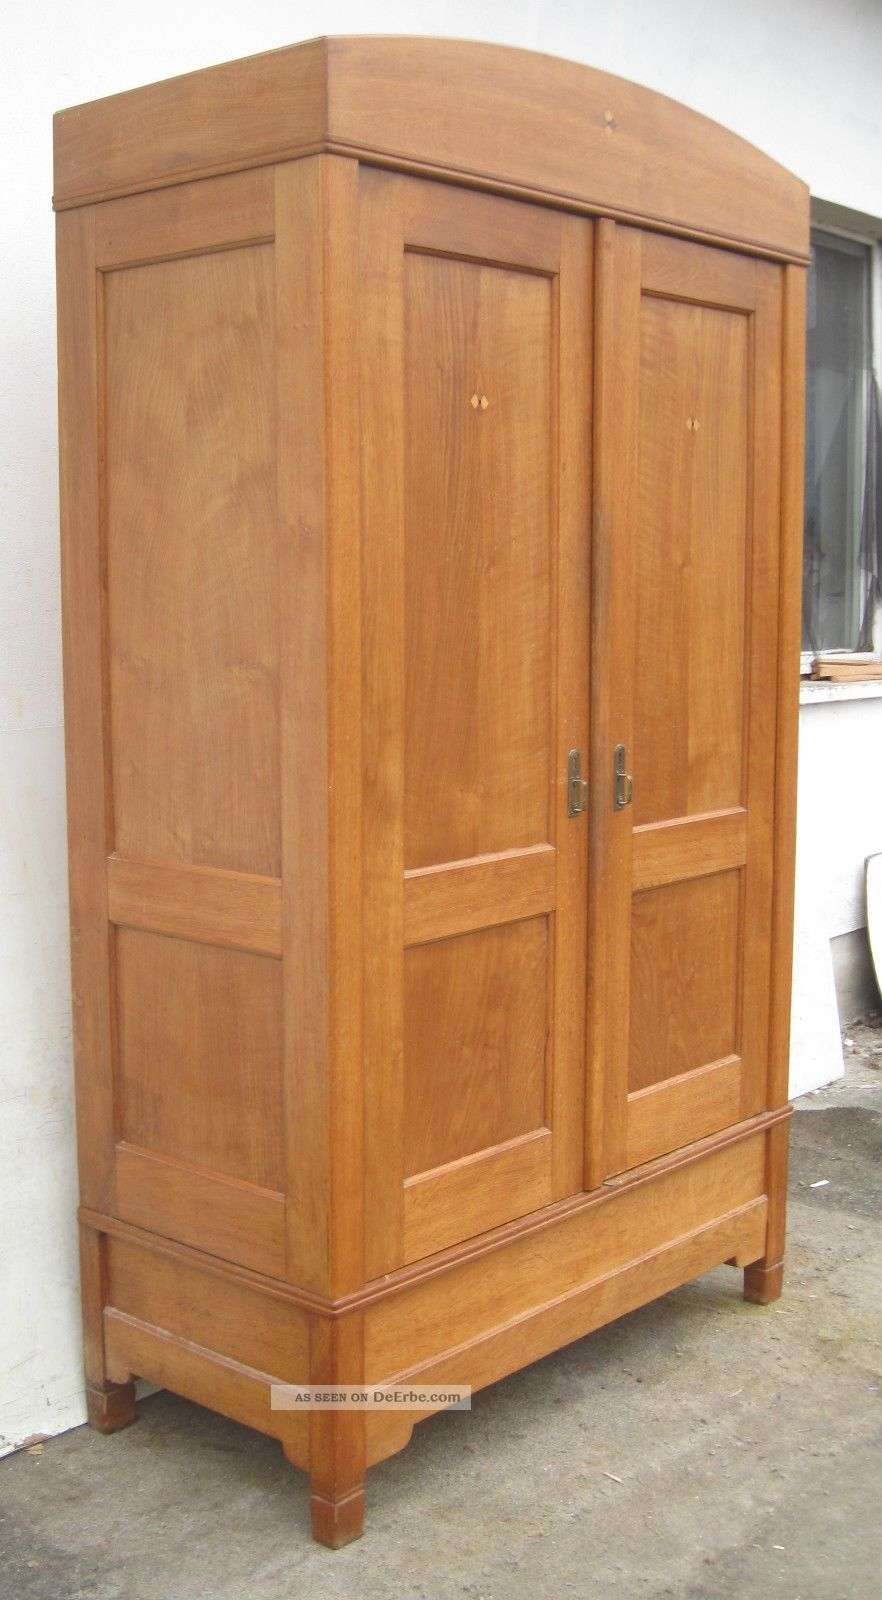 jugendstil dielenschrank eiche massiv ca 1905. Black Bedroom Furniture Sets. Home Design Ideas